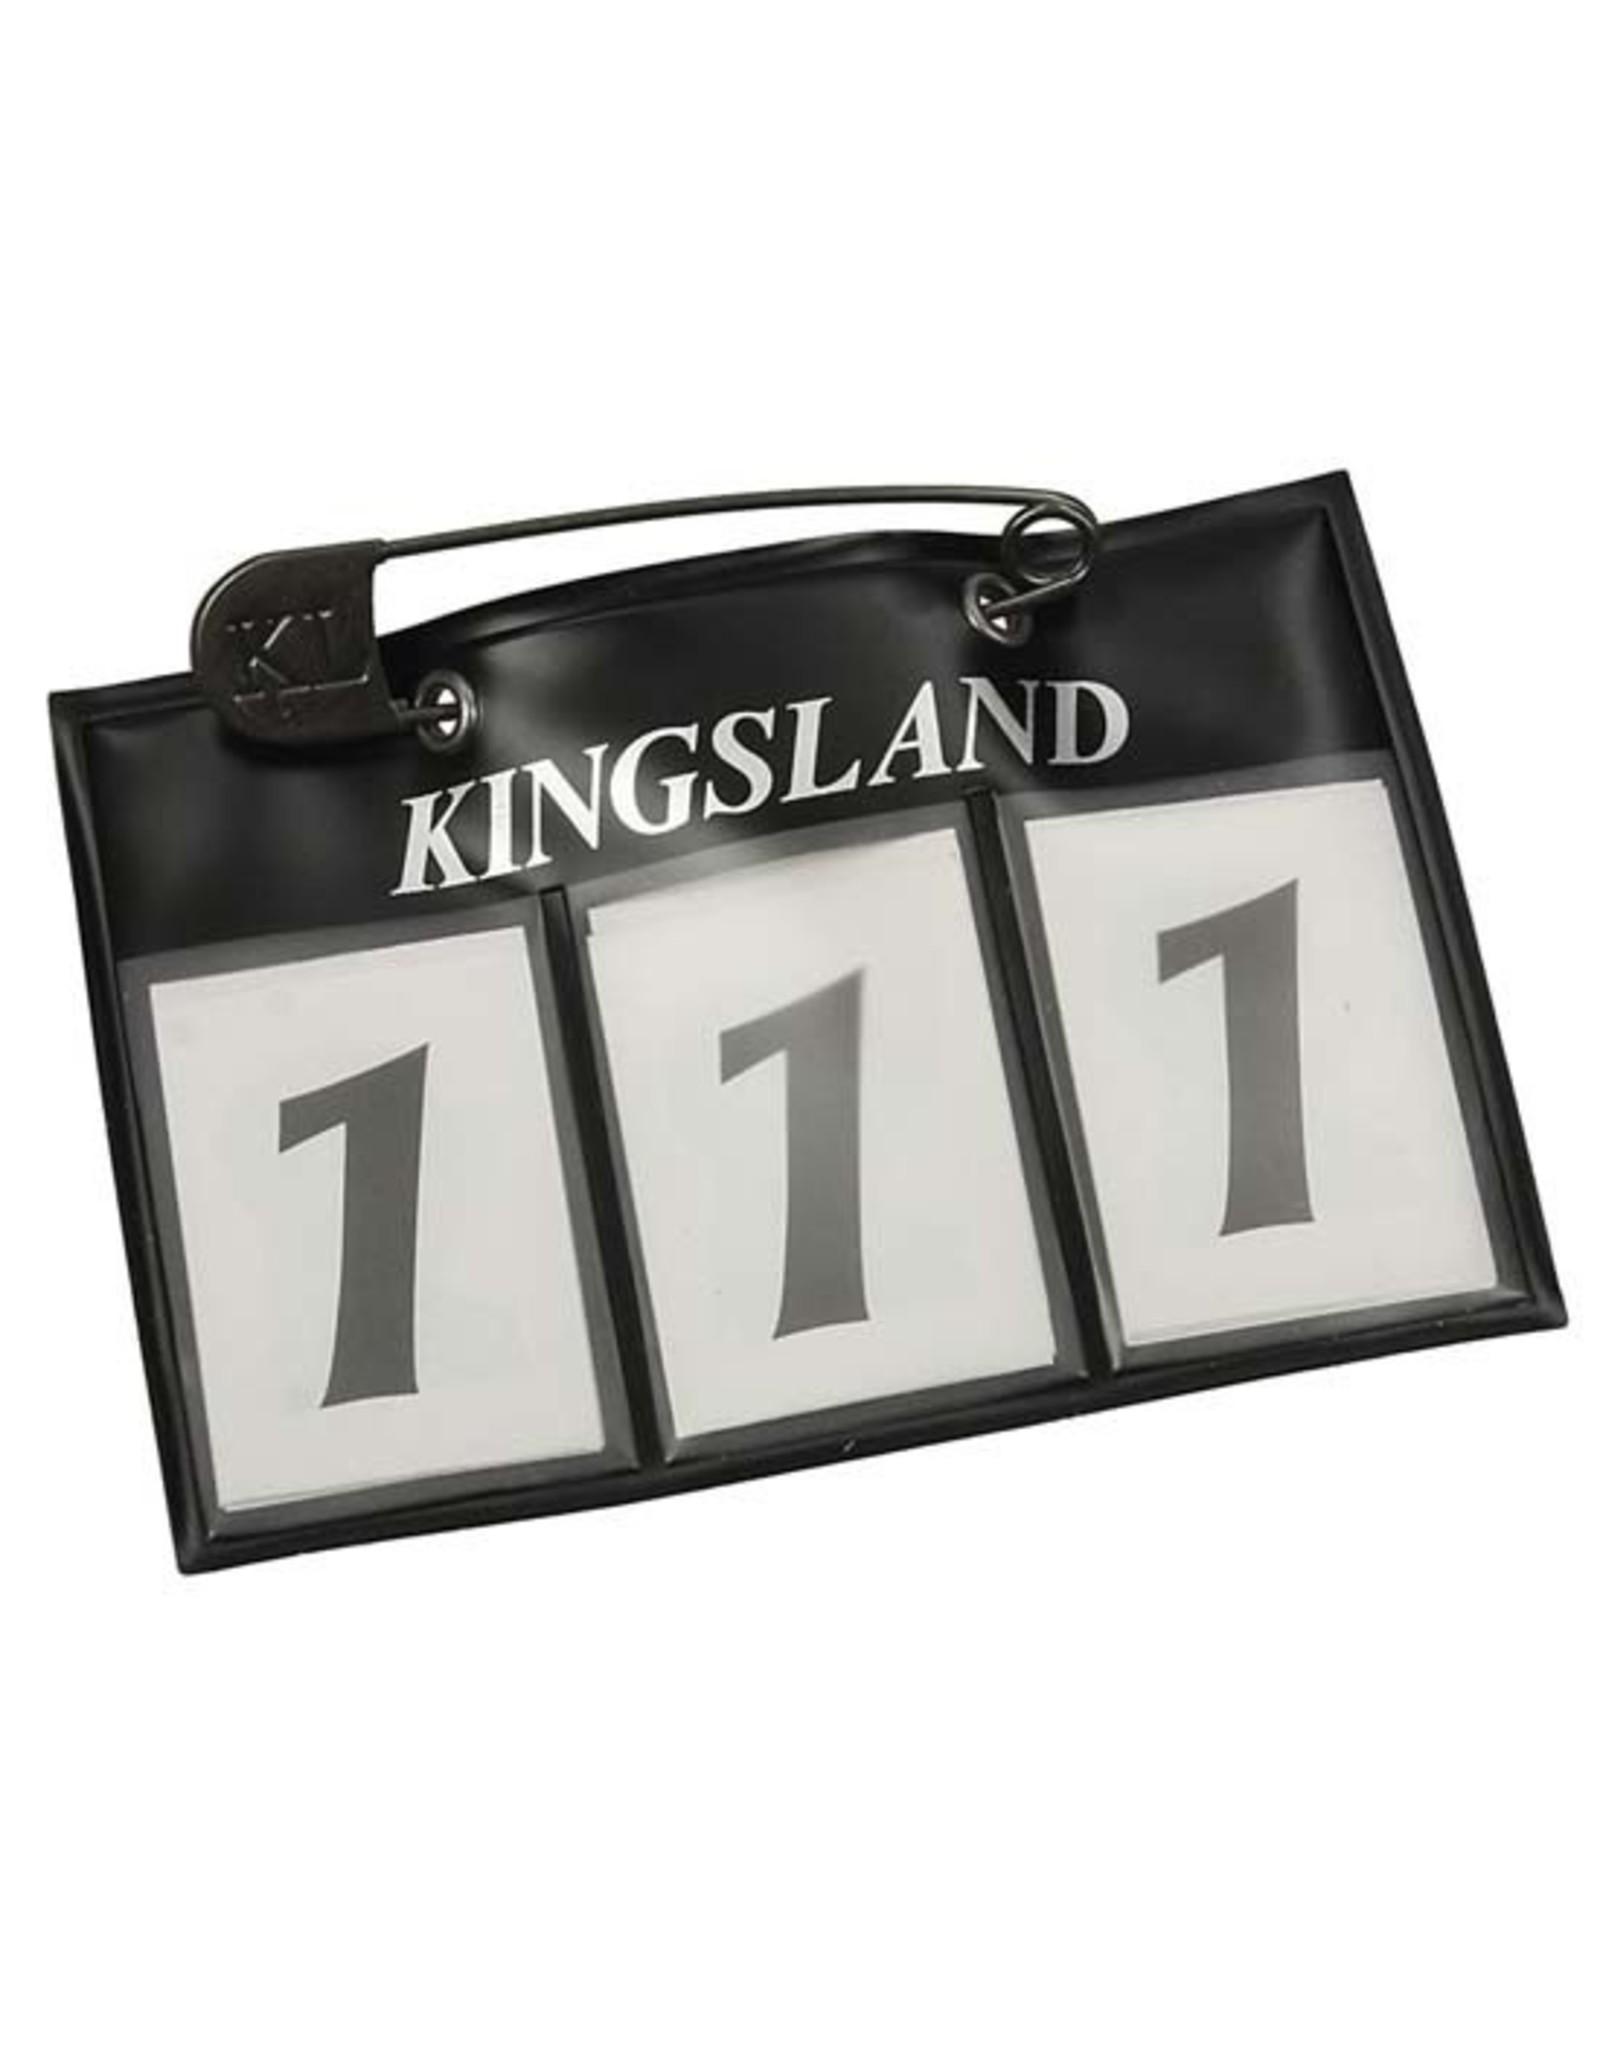 Kingsland KL Classic number plate navy